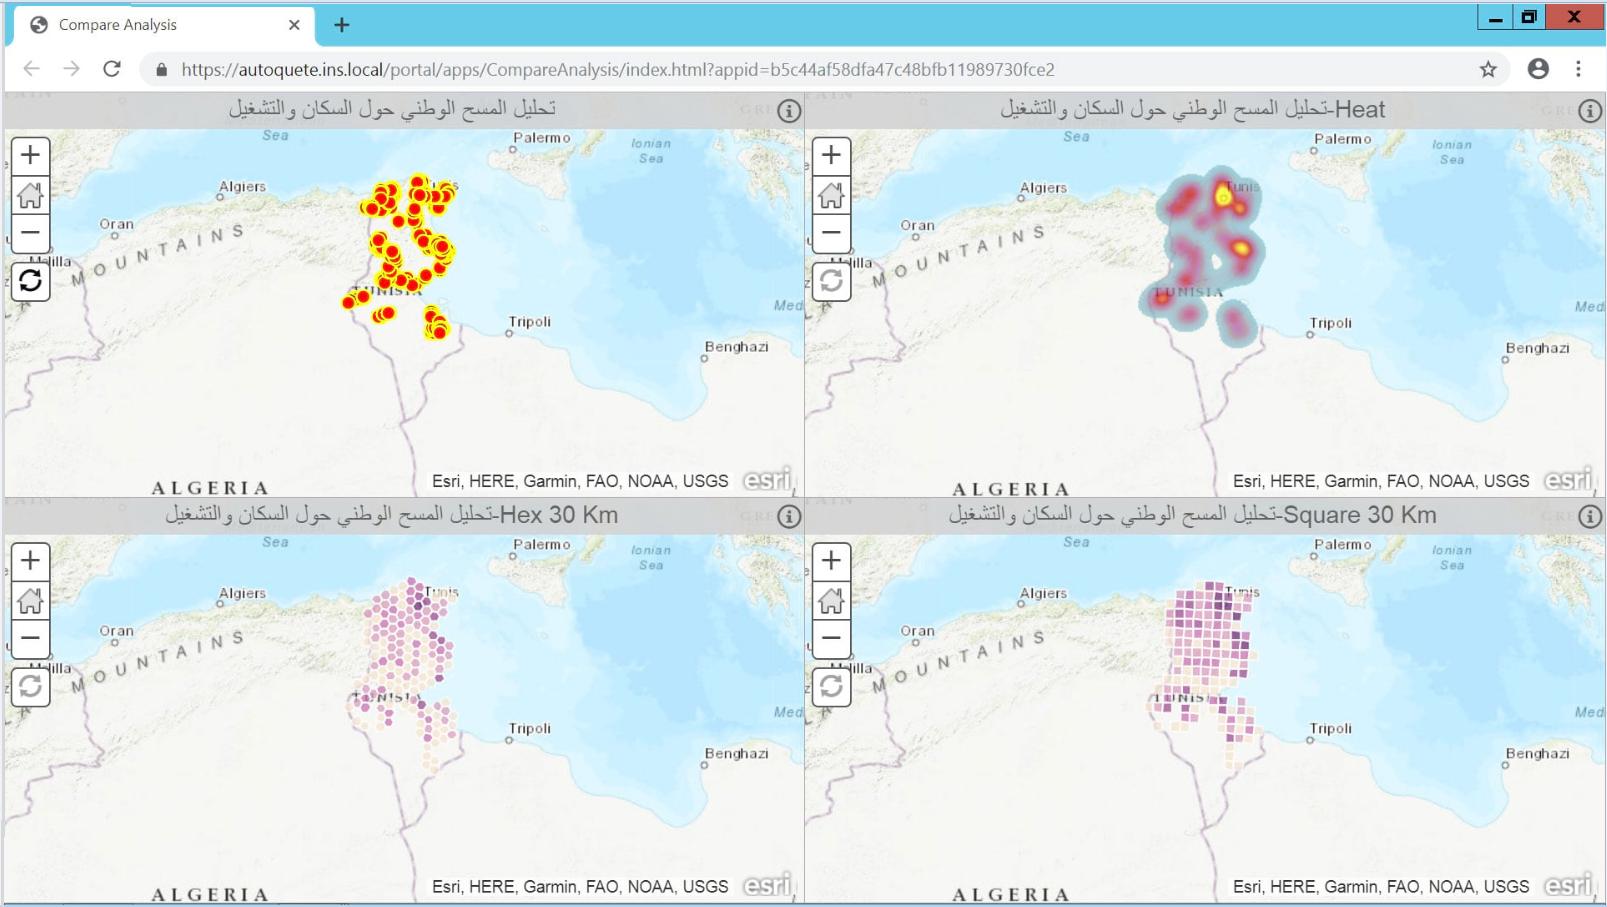 Примеры представления NSI результатов статистического анализа данных переписи